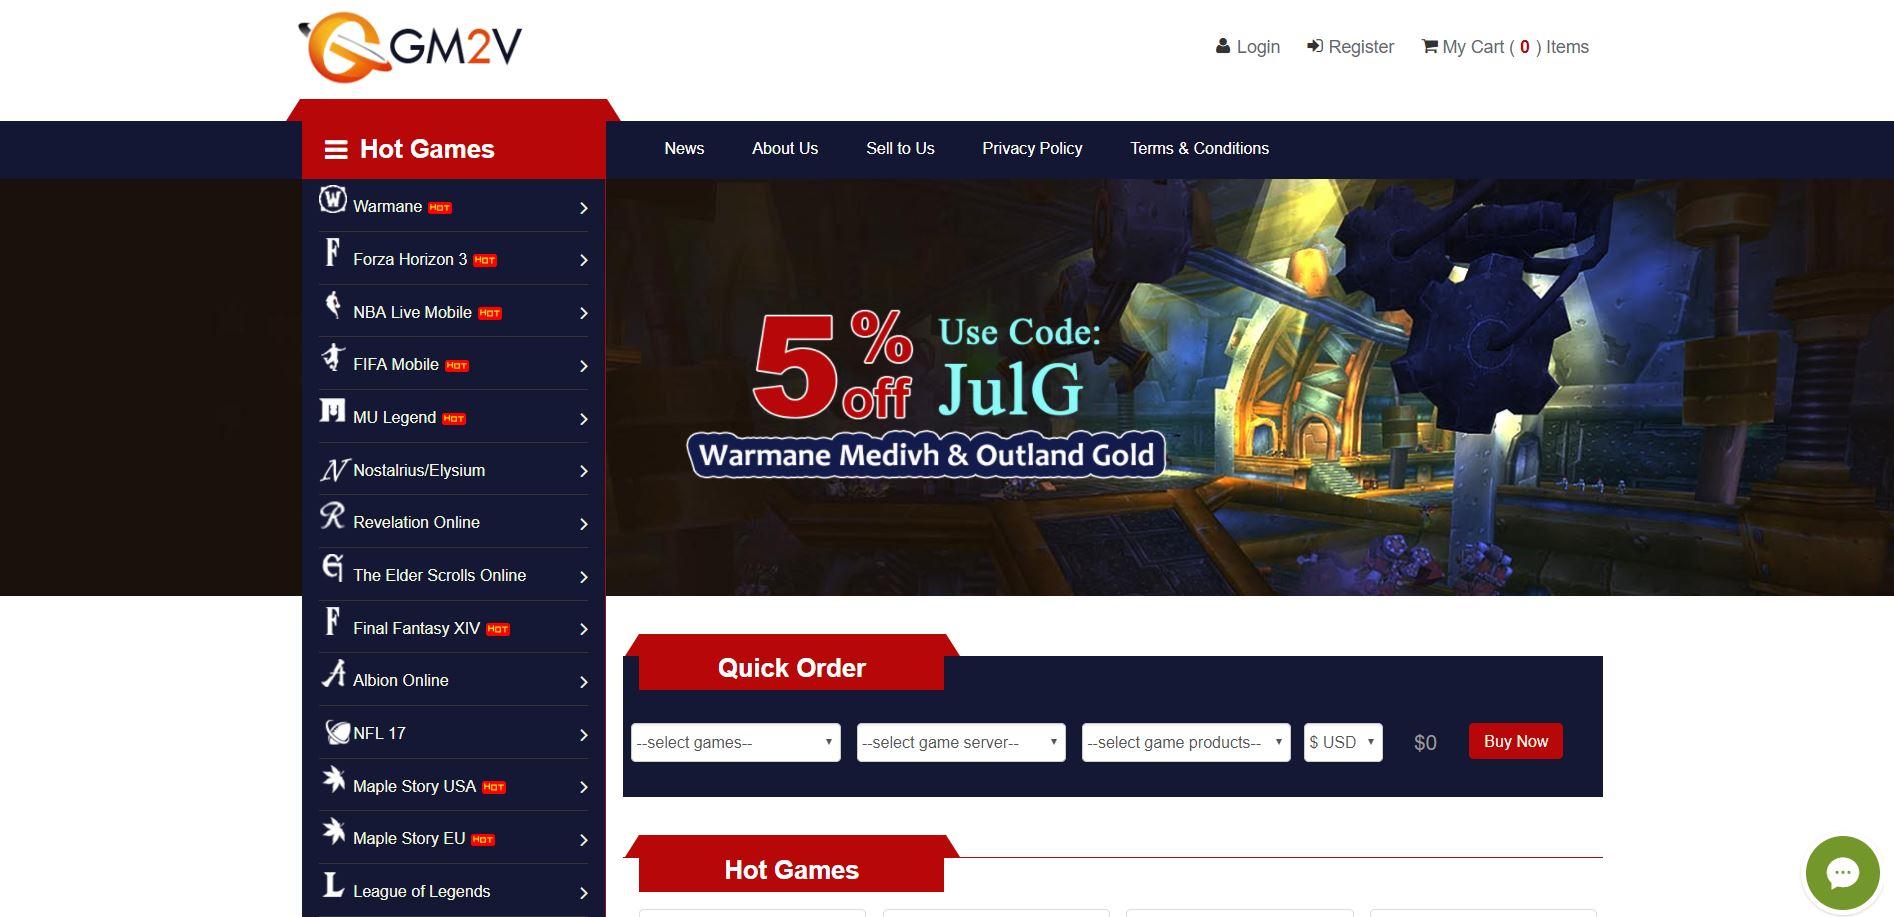 Gm2v.com